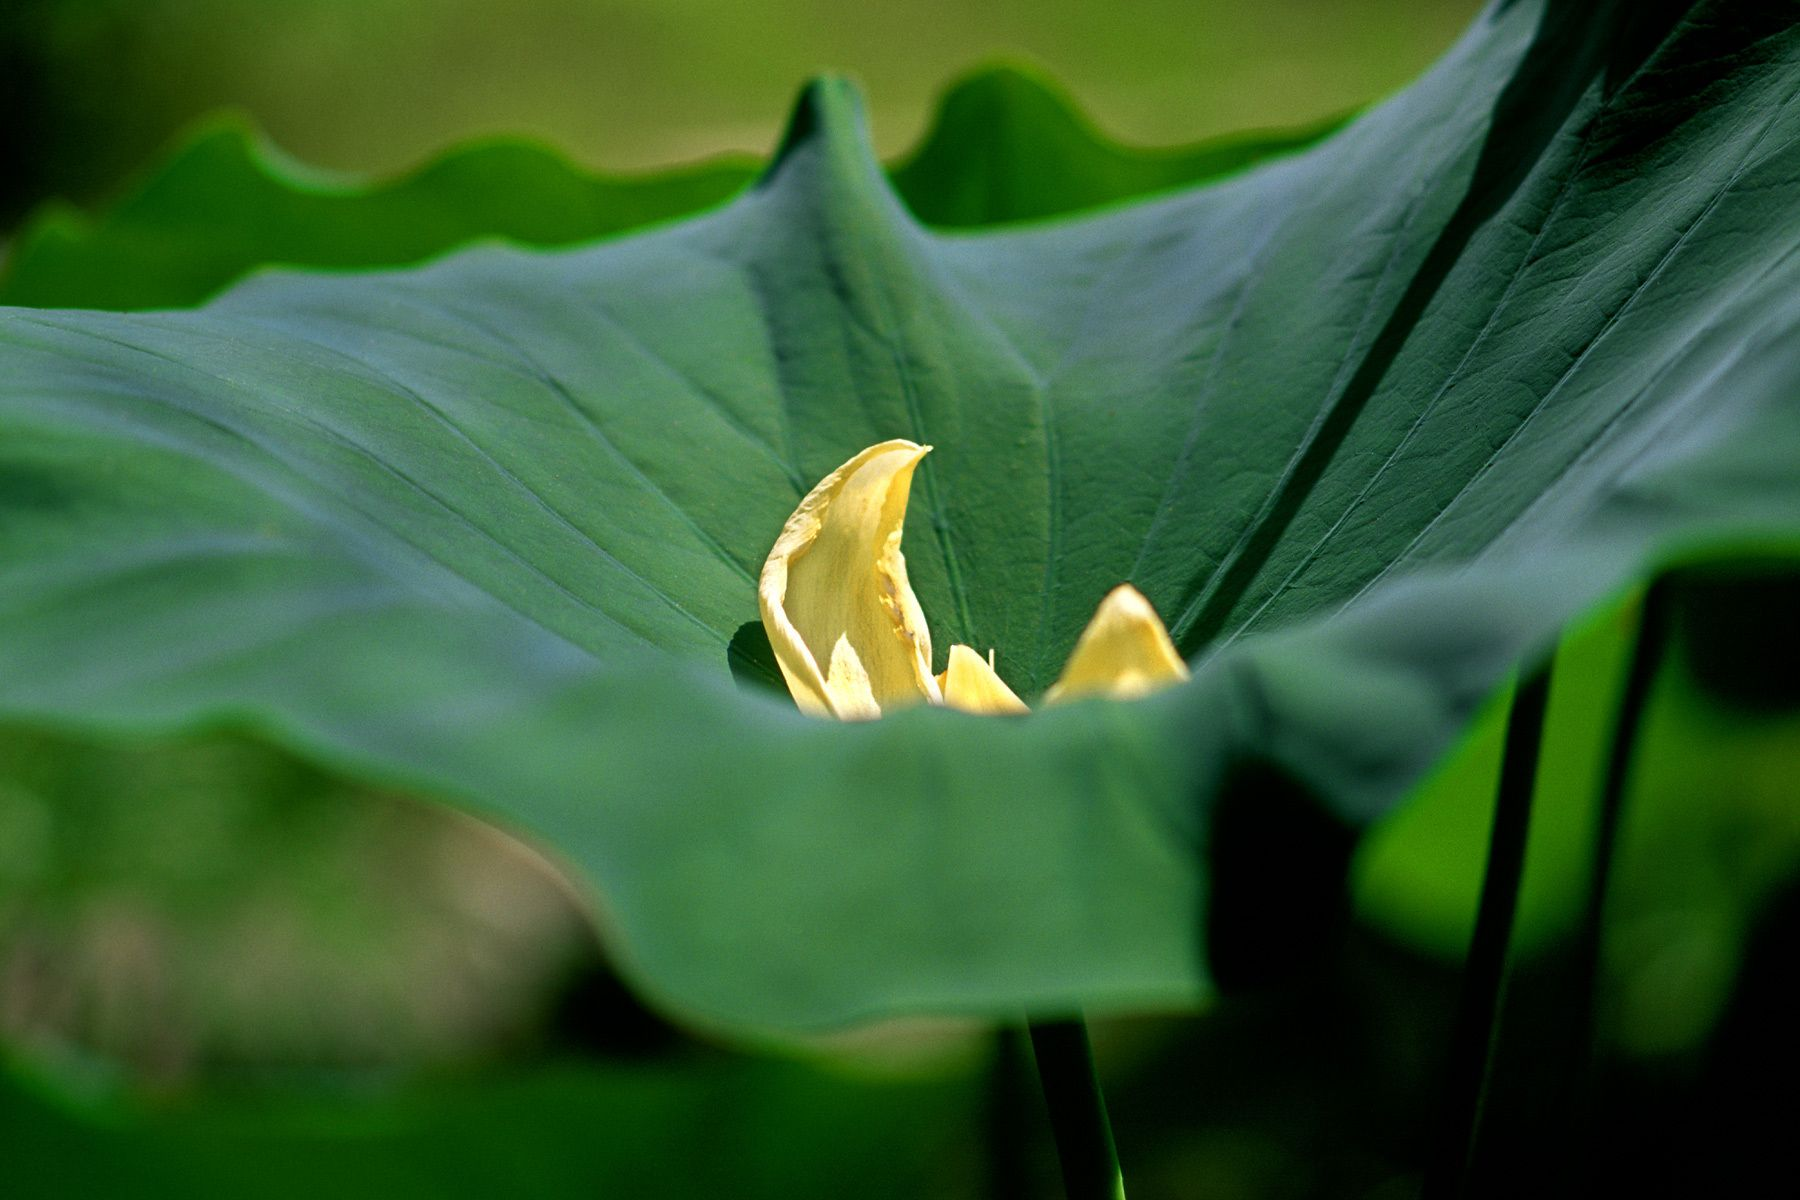 1big_leaf.jpg